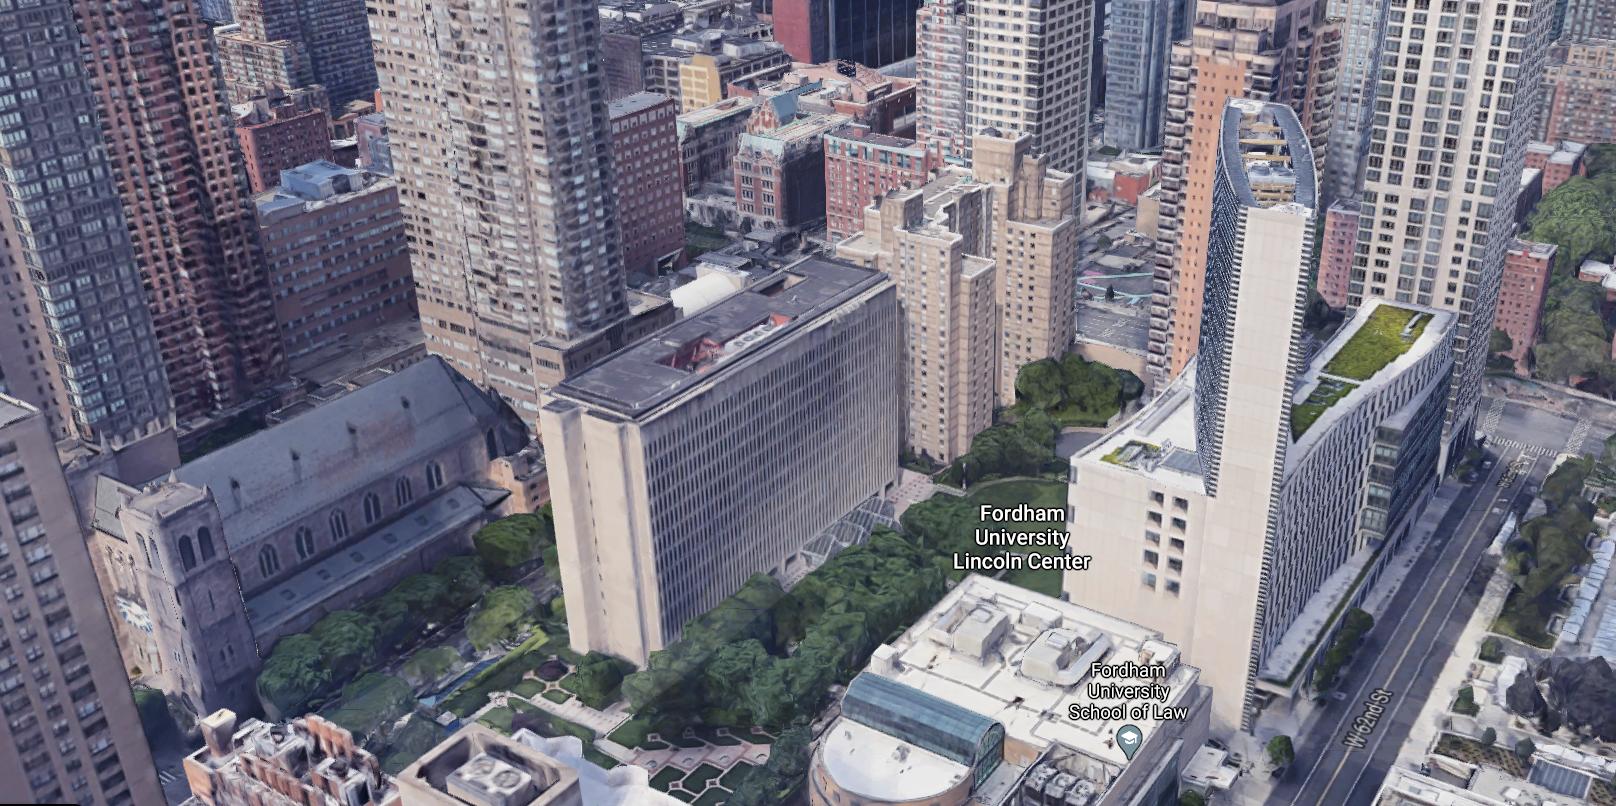 71 Fordham Lincoln Center Ideas In 2021 Civil Service Exam Law School Lincoln Center